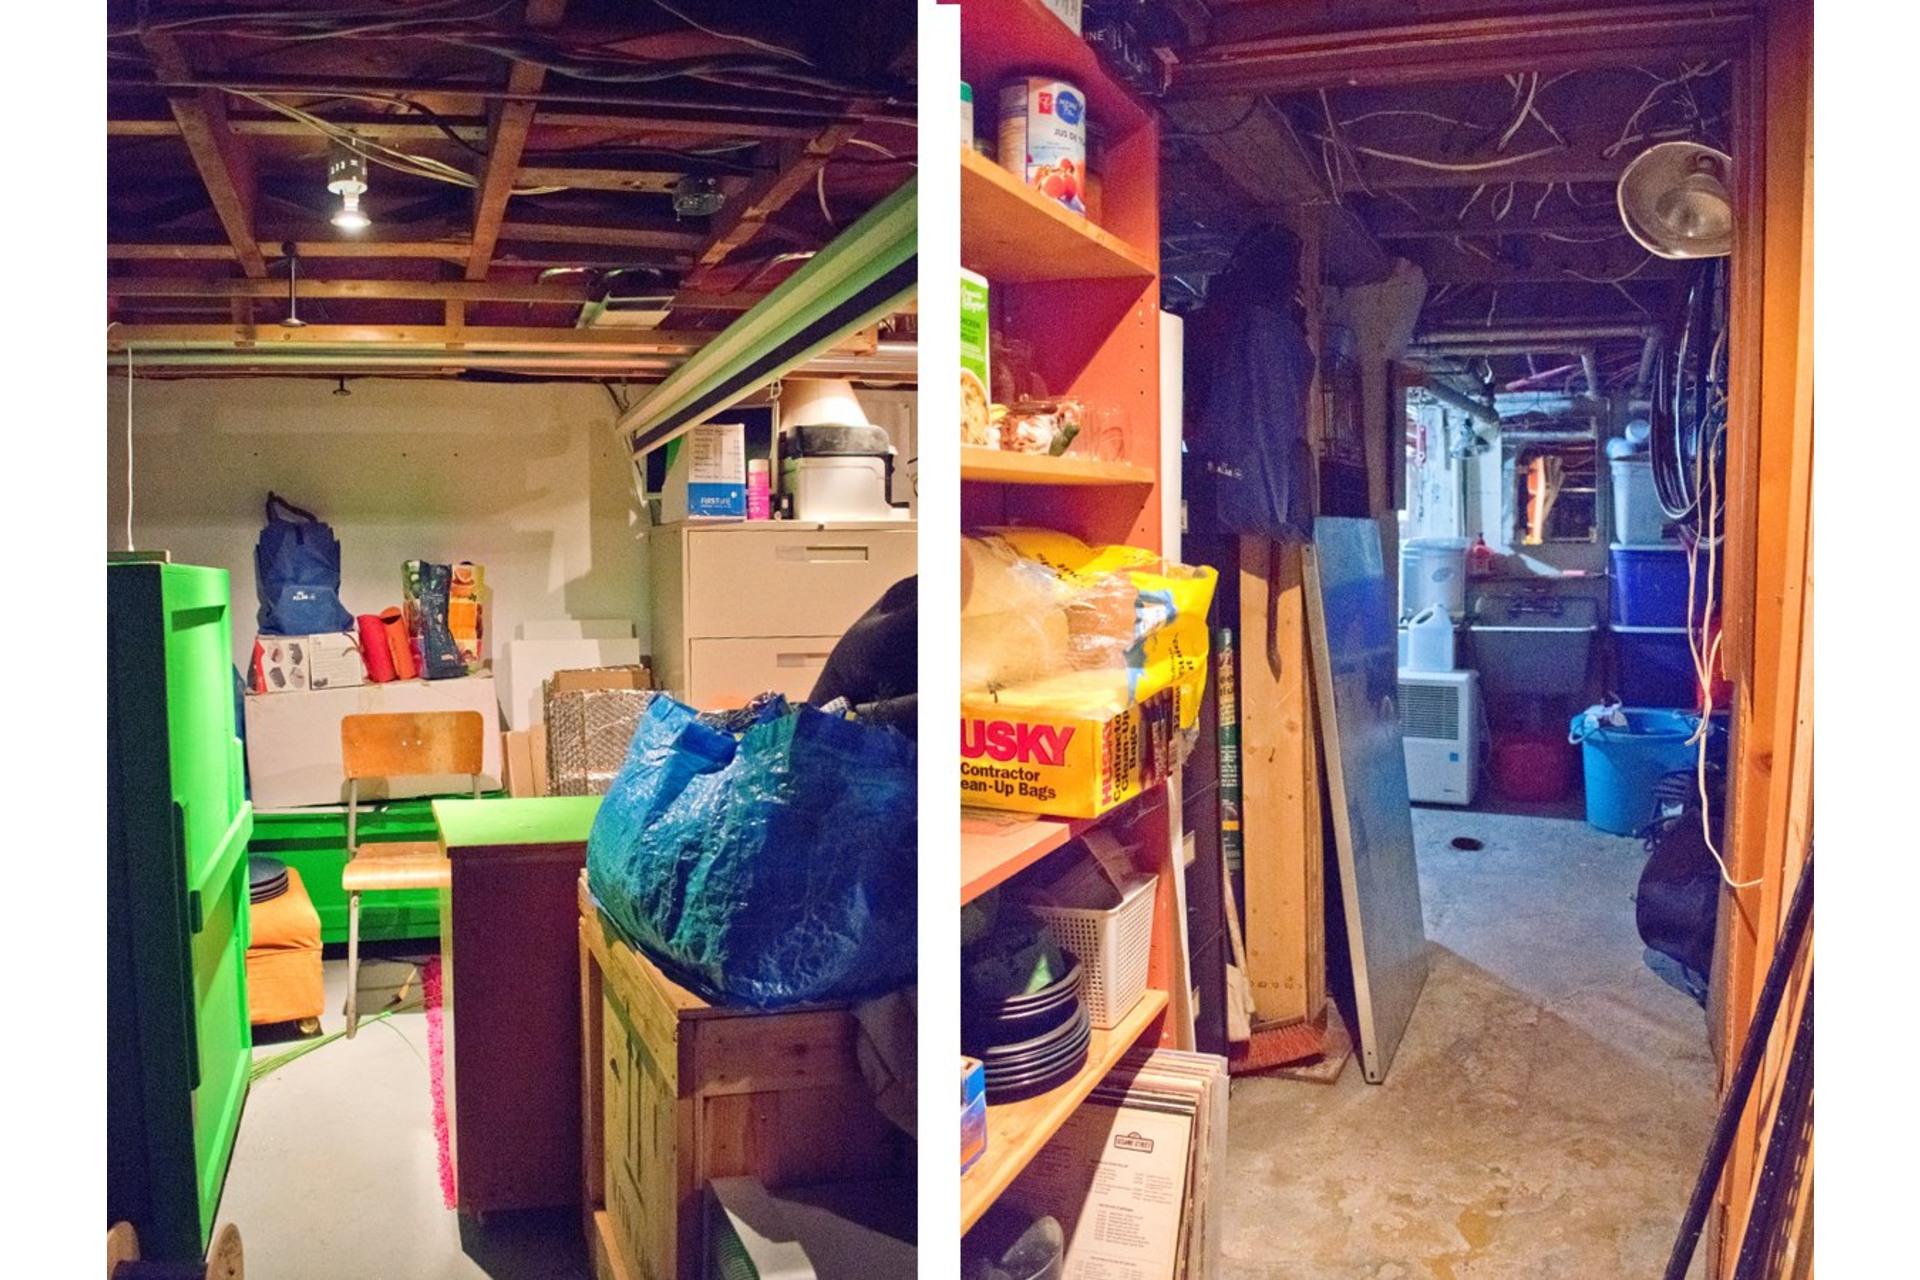 image 20 - Maison À vendre Villeray/Saint-Michel/Parc-Extension Montréal  - 9 pièces